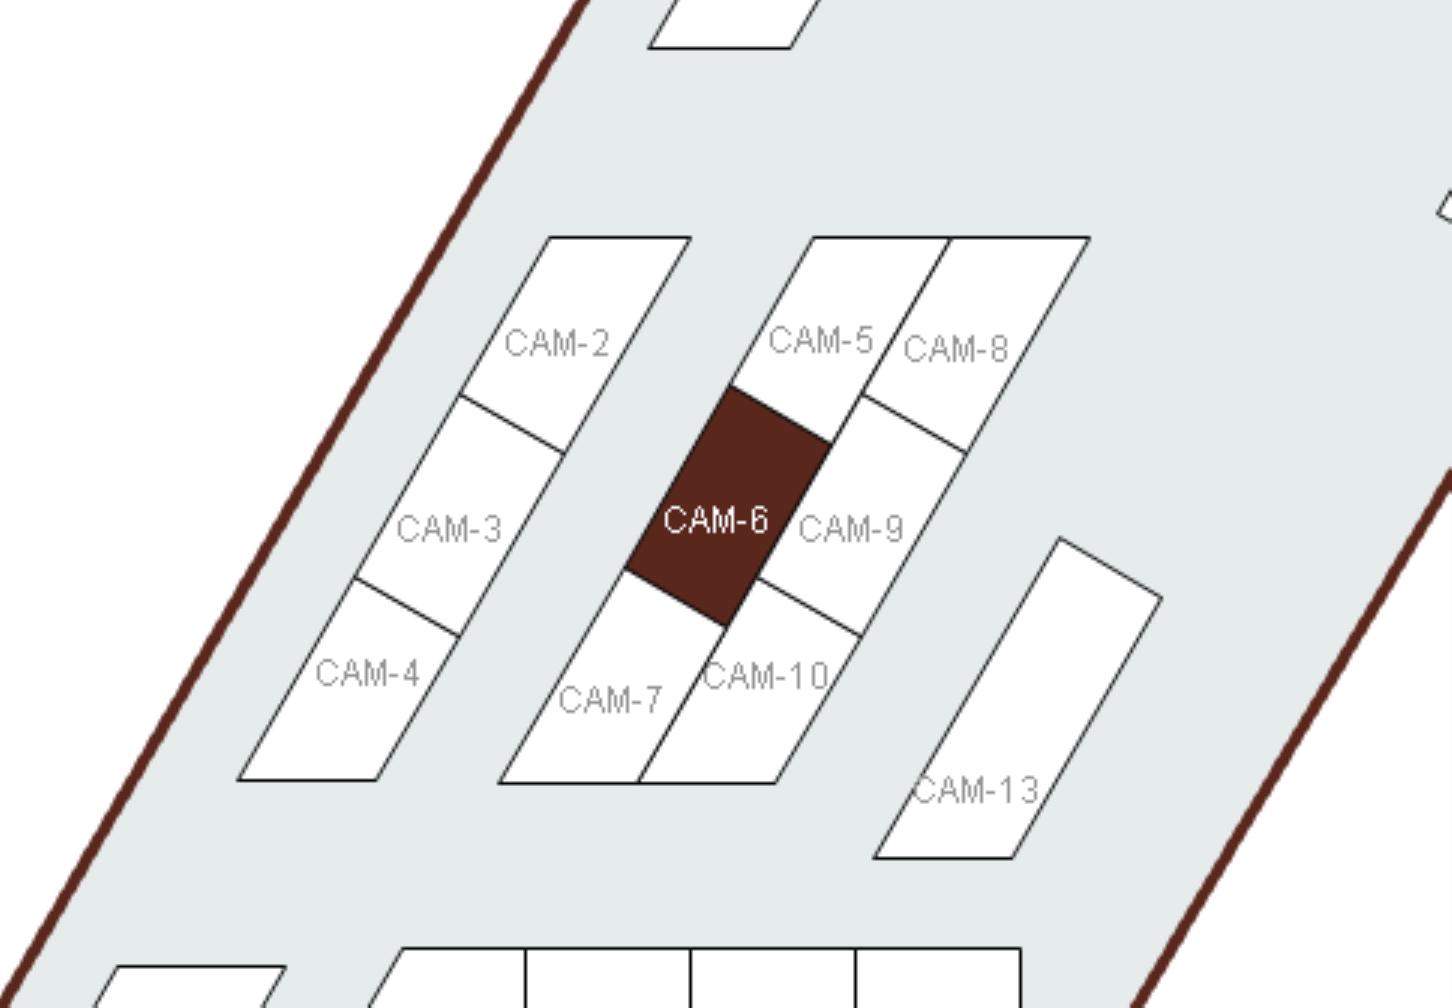 FOYWEST / CAM-6